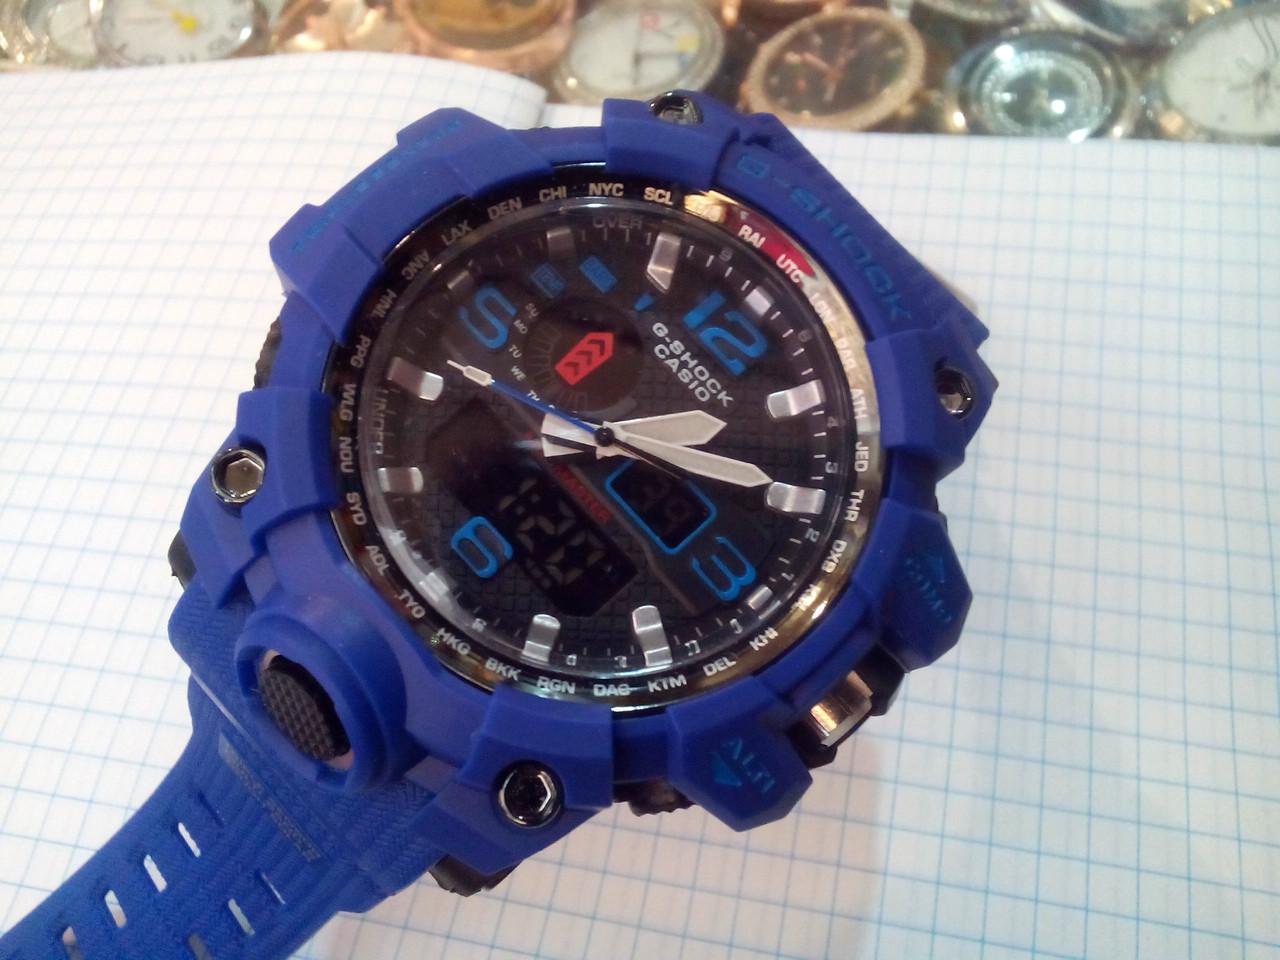 4b474454 Часы Casio G-Shock GWG-1000 Mudmaster 5463 мужские синие с подсветкой и  календарем копия